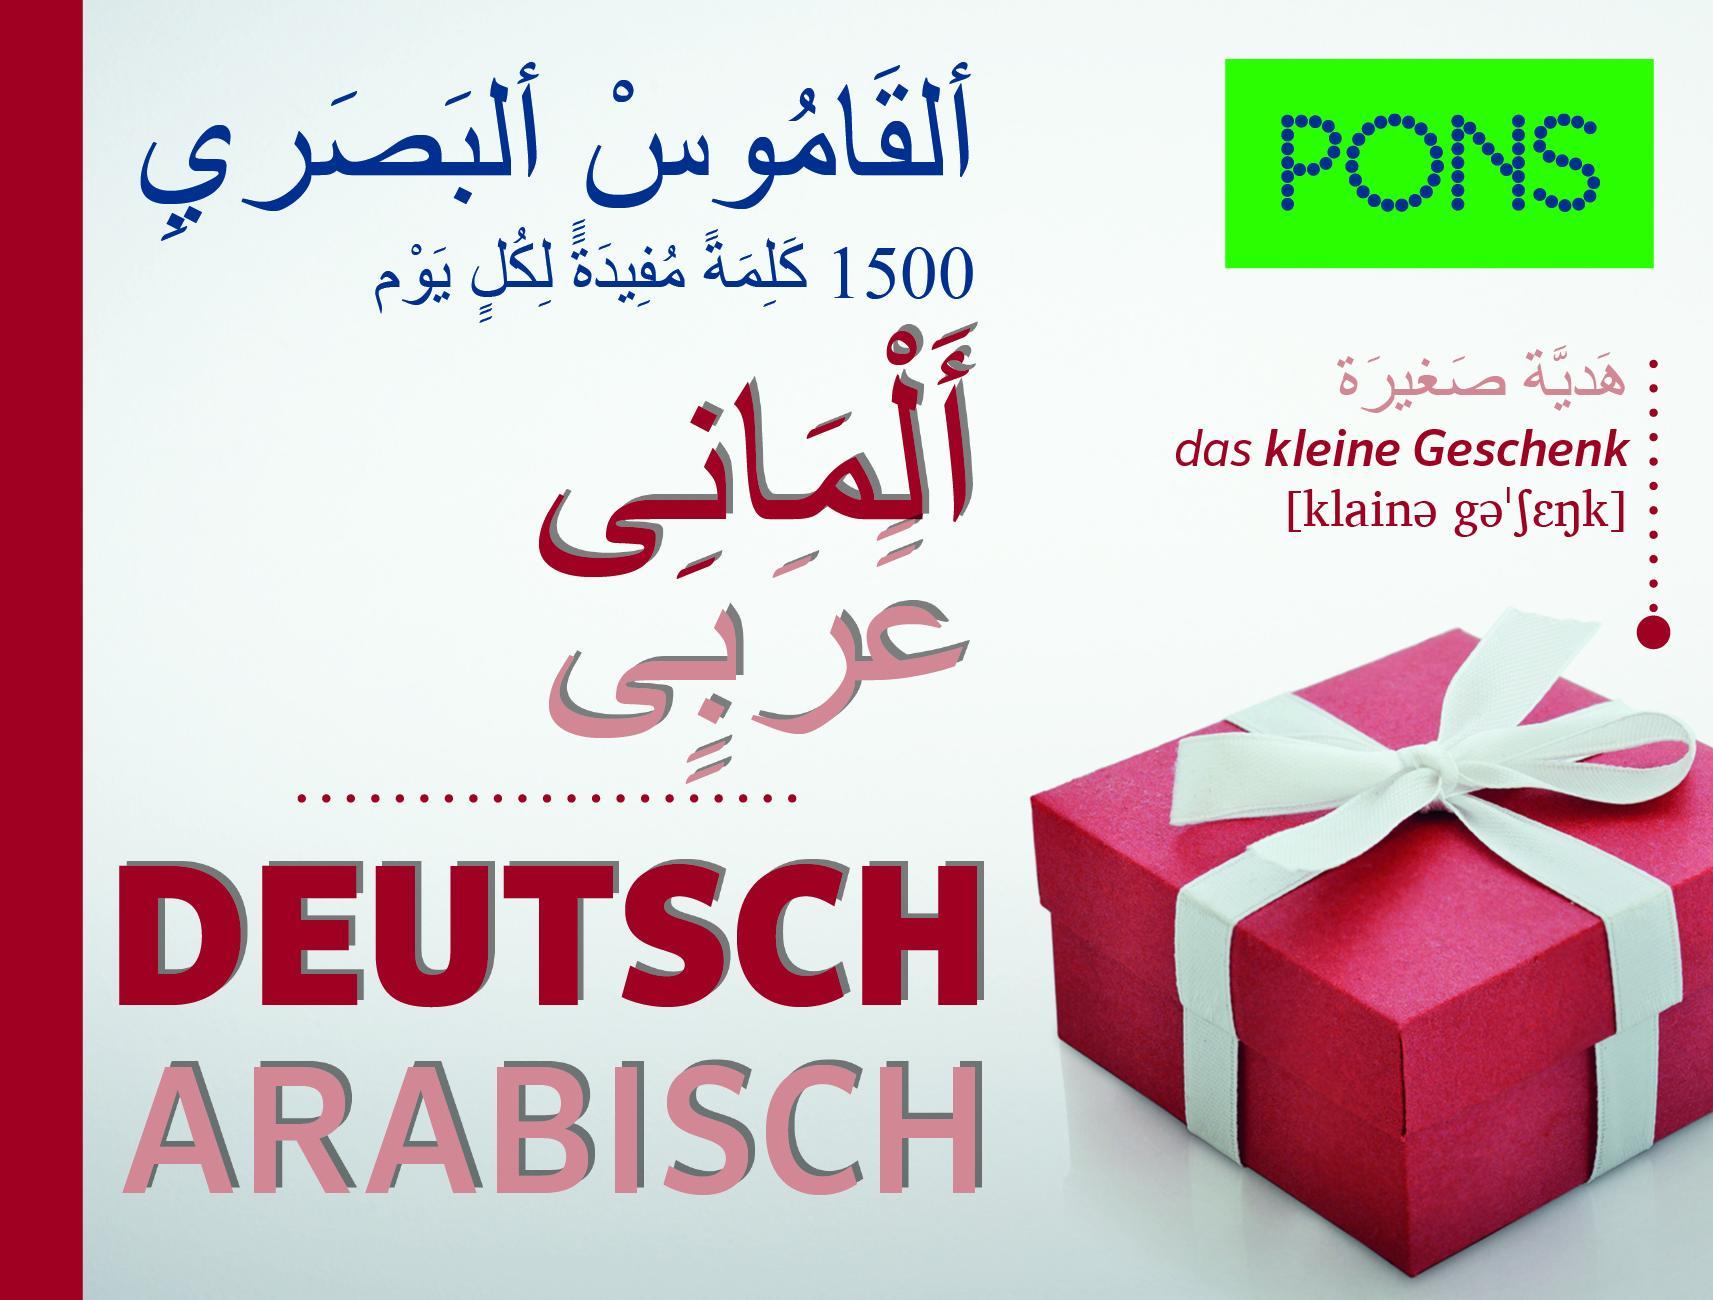 PONS GmbH] Neu hier? Deutsch lernen für arabischsprachige ...